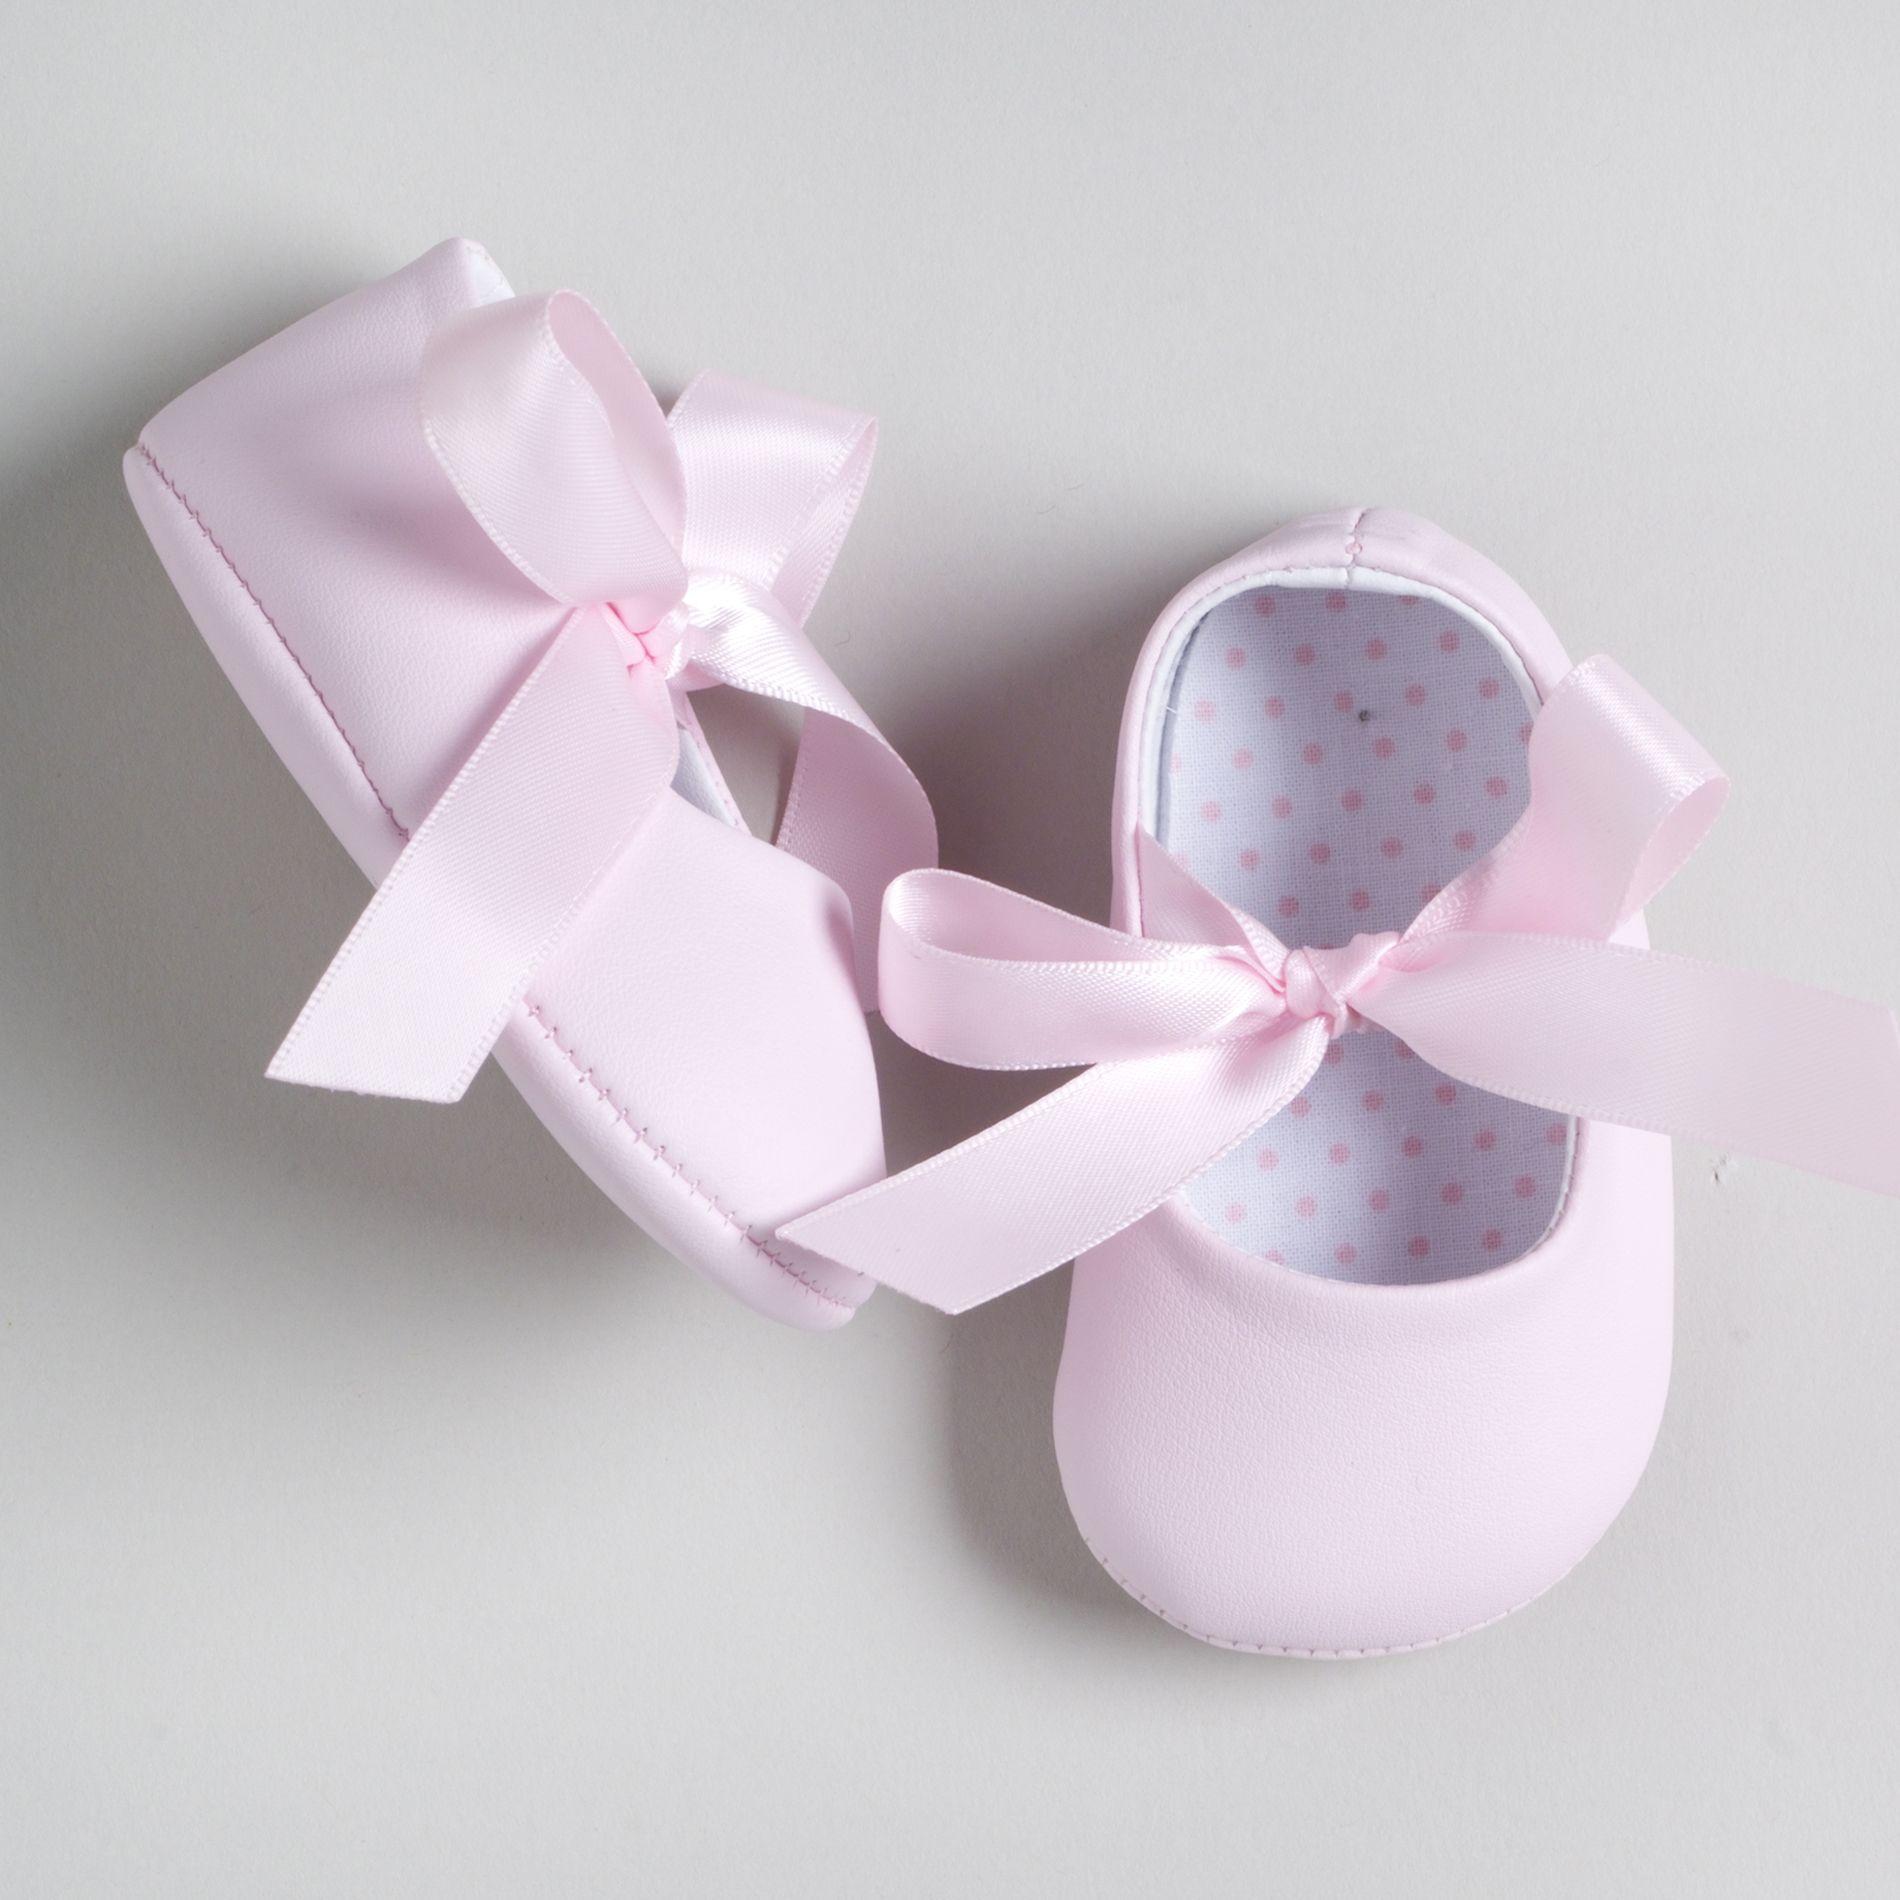 e0d2e4c72bea Little Wonders Girl s Vinyl Ballet Soft Sole Shoe with Ribbon Tie